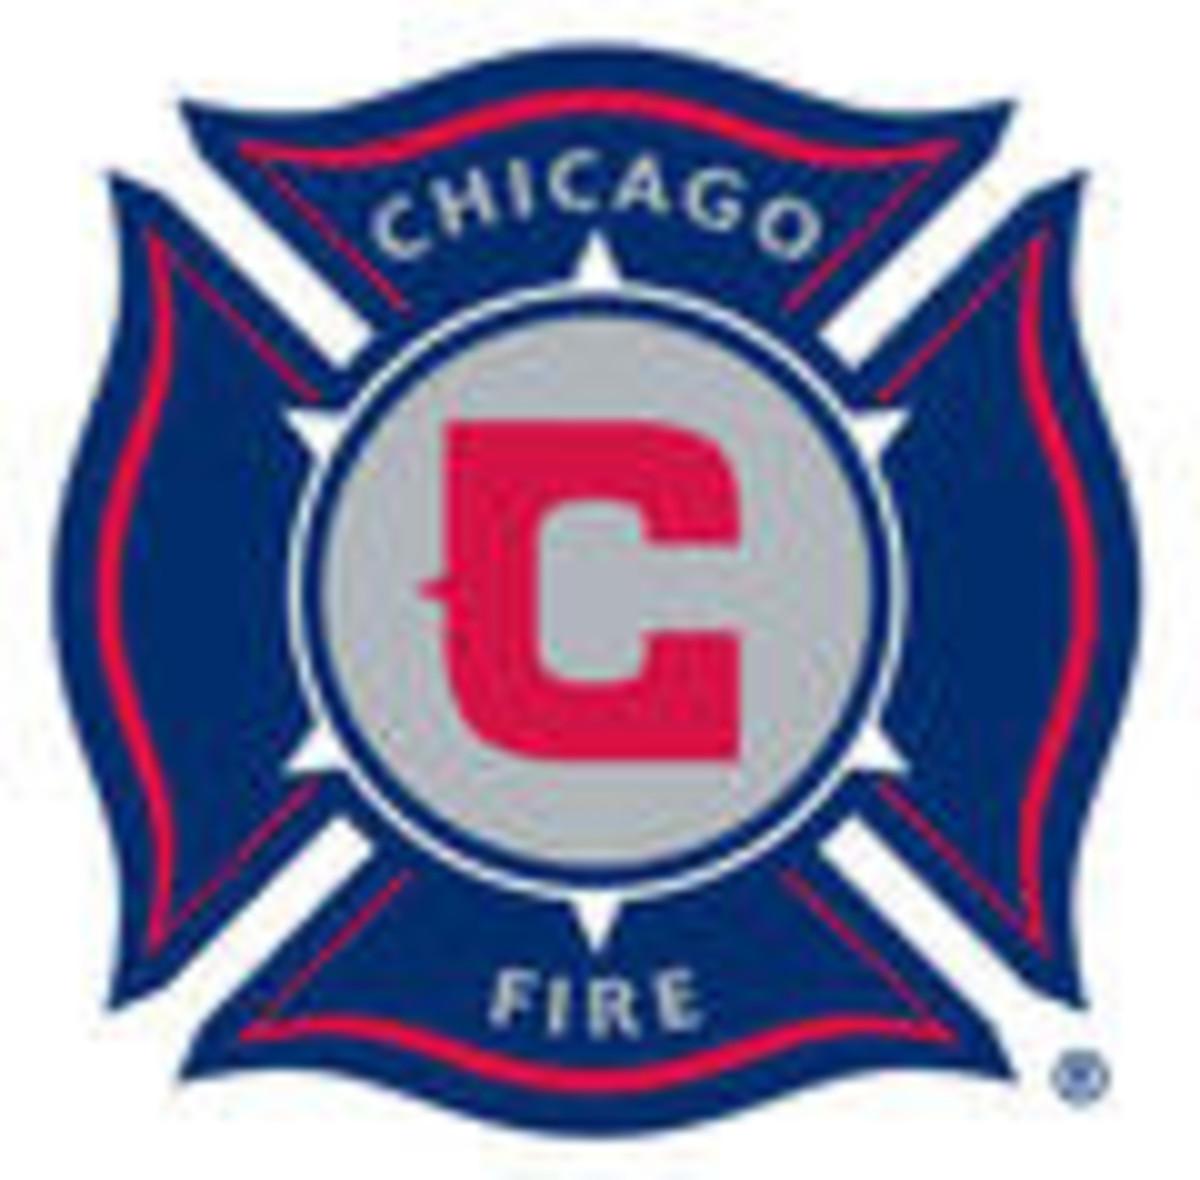 chicago-fire-logo